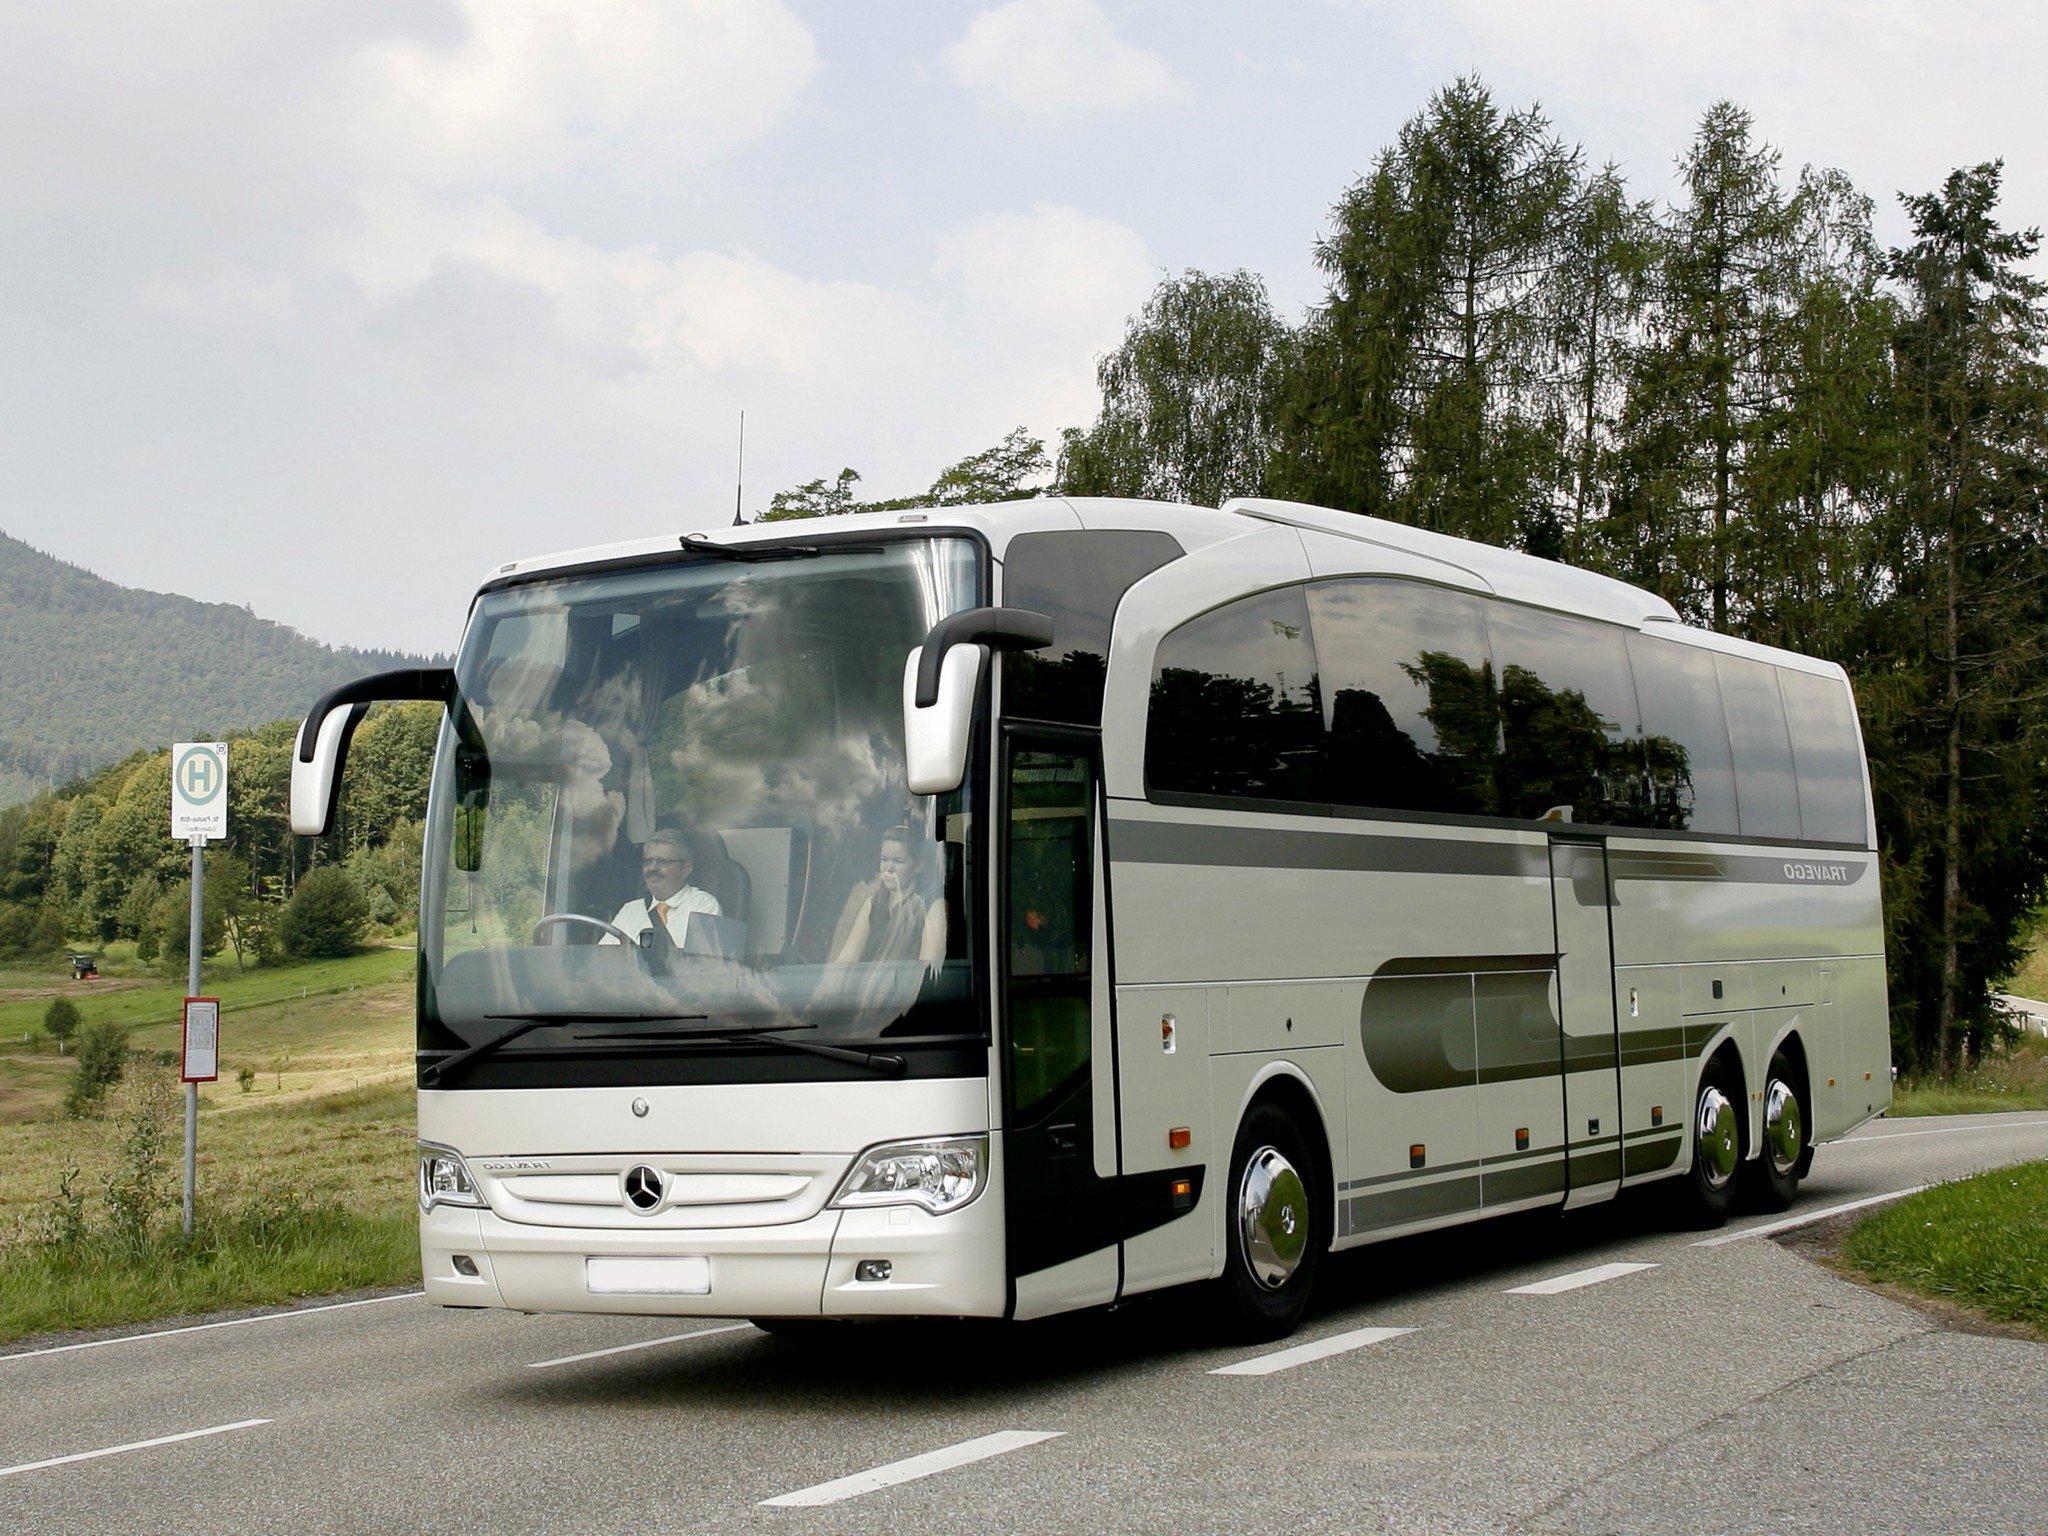 Інтерактивна карта обласних та міжнародних автобусних маршрутів: перевірити розклад та ліцензію водіїв